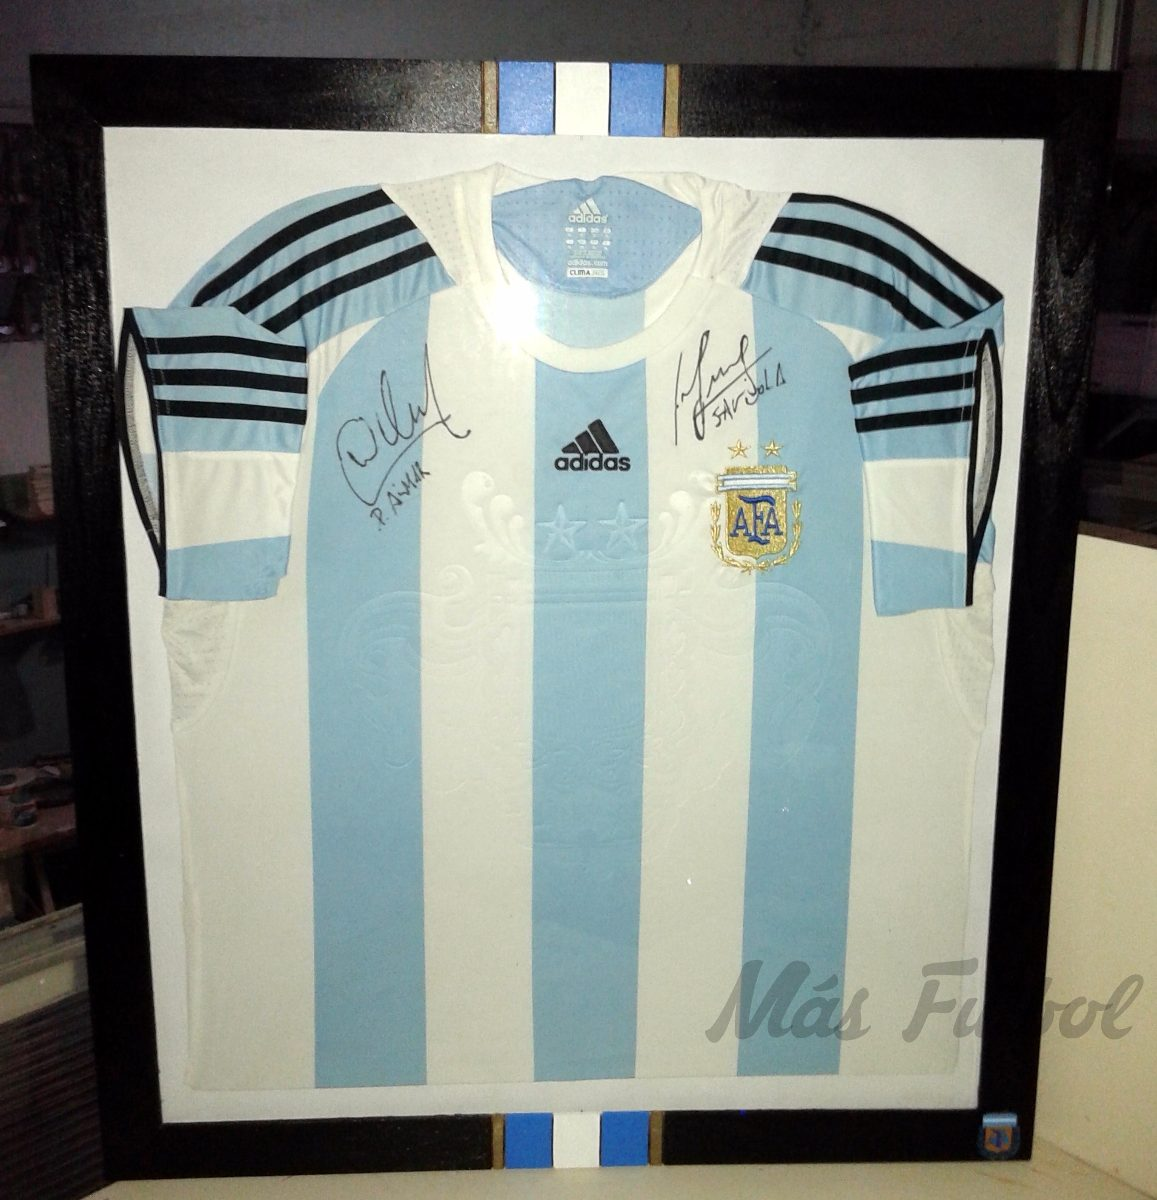 Enmarcado Original Y Artesanal De Camisetas - Marco Liso - $ 1.100 ...